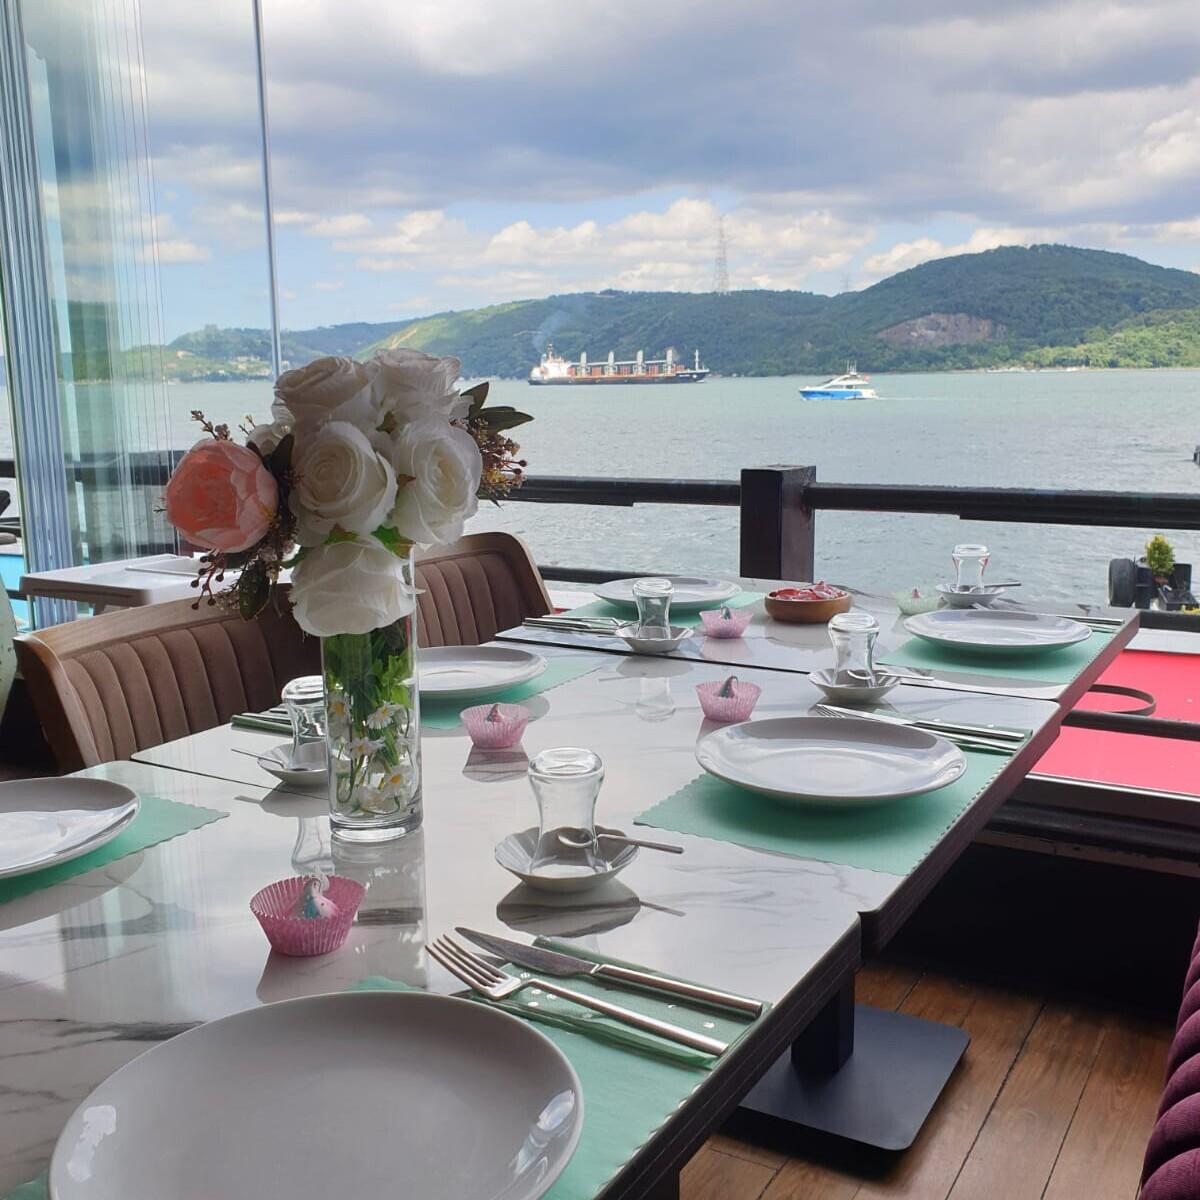 Göze Sarıyer Teras'tan Denize Nazır Çift Kişilik Serpme Kahvaltı